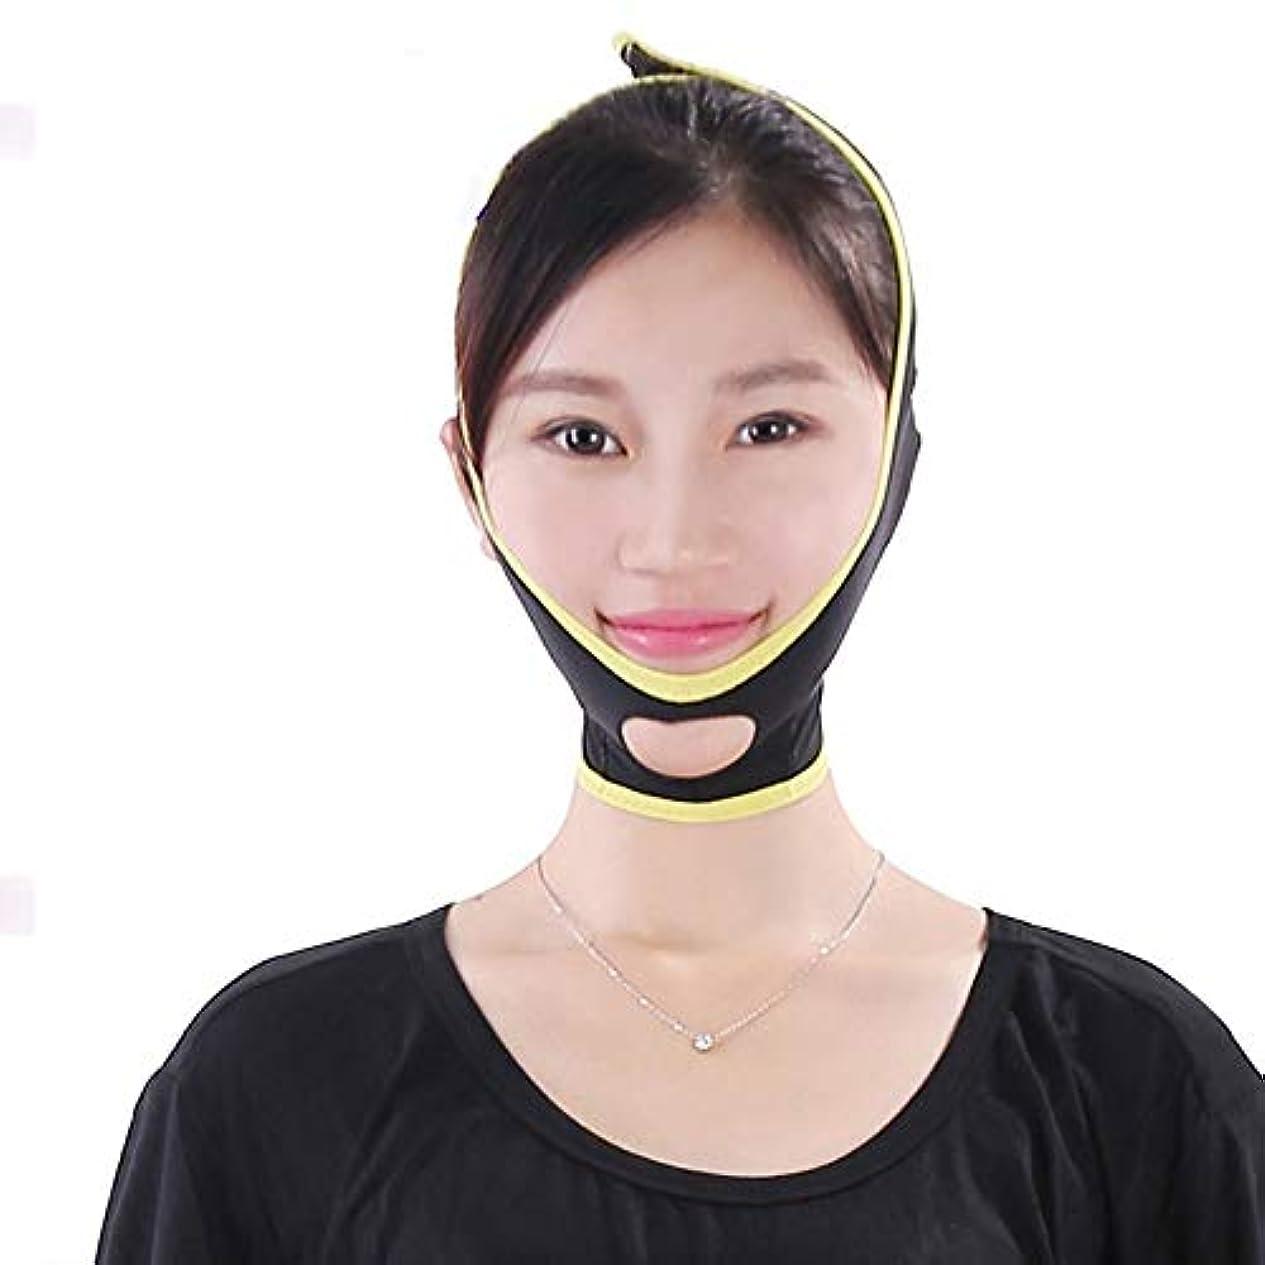 に頼る原始的な藤色Vフェイスマスク、フェイスリフティングアーティファクト、美容マスク、顔のしわ防止、減量、二重あご